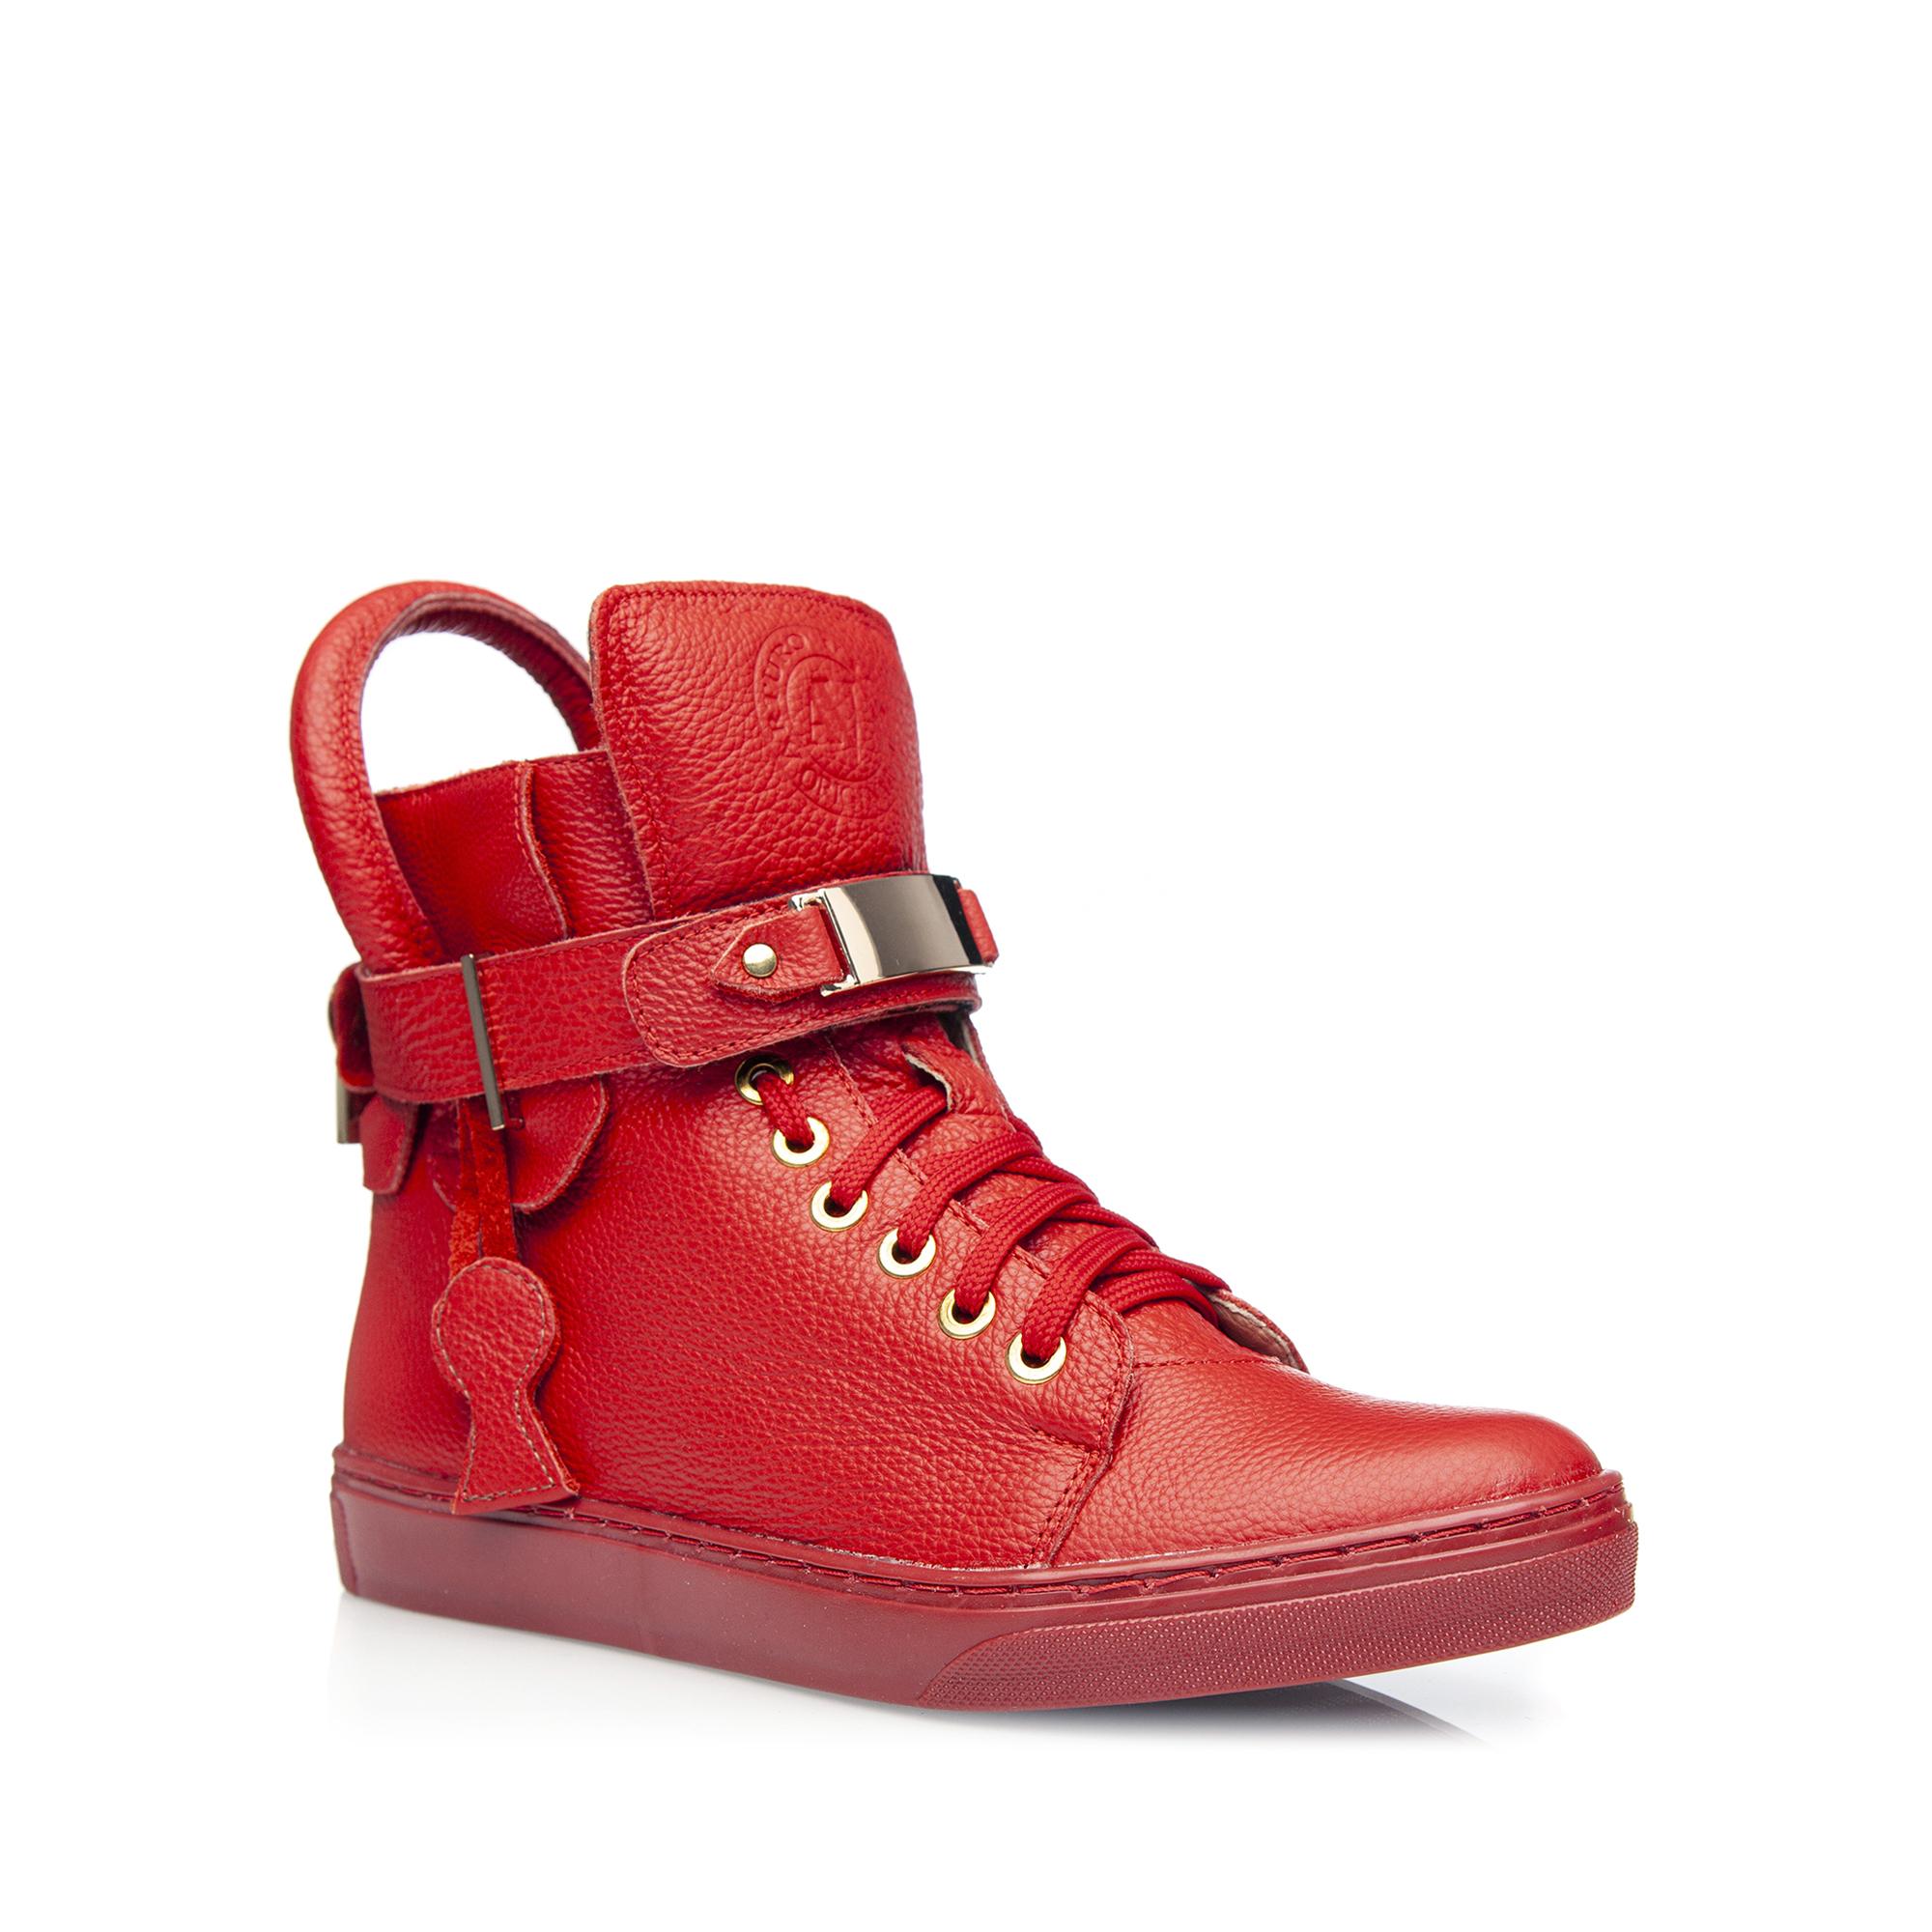 77e7e9406f3282 Strona główna; » Specjalne promocje; » Trampki. ‹ › Czerwone sneakersy ...